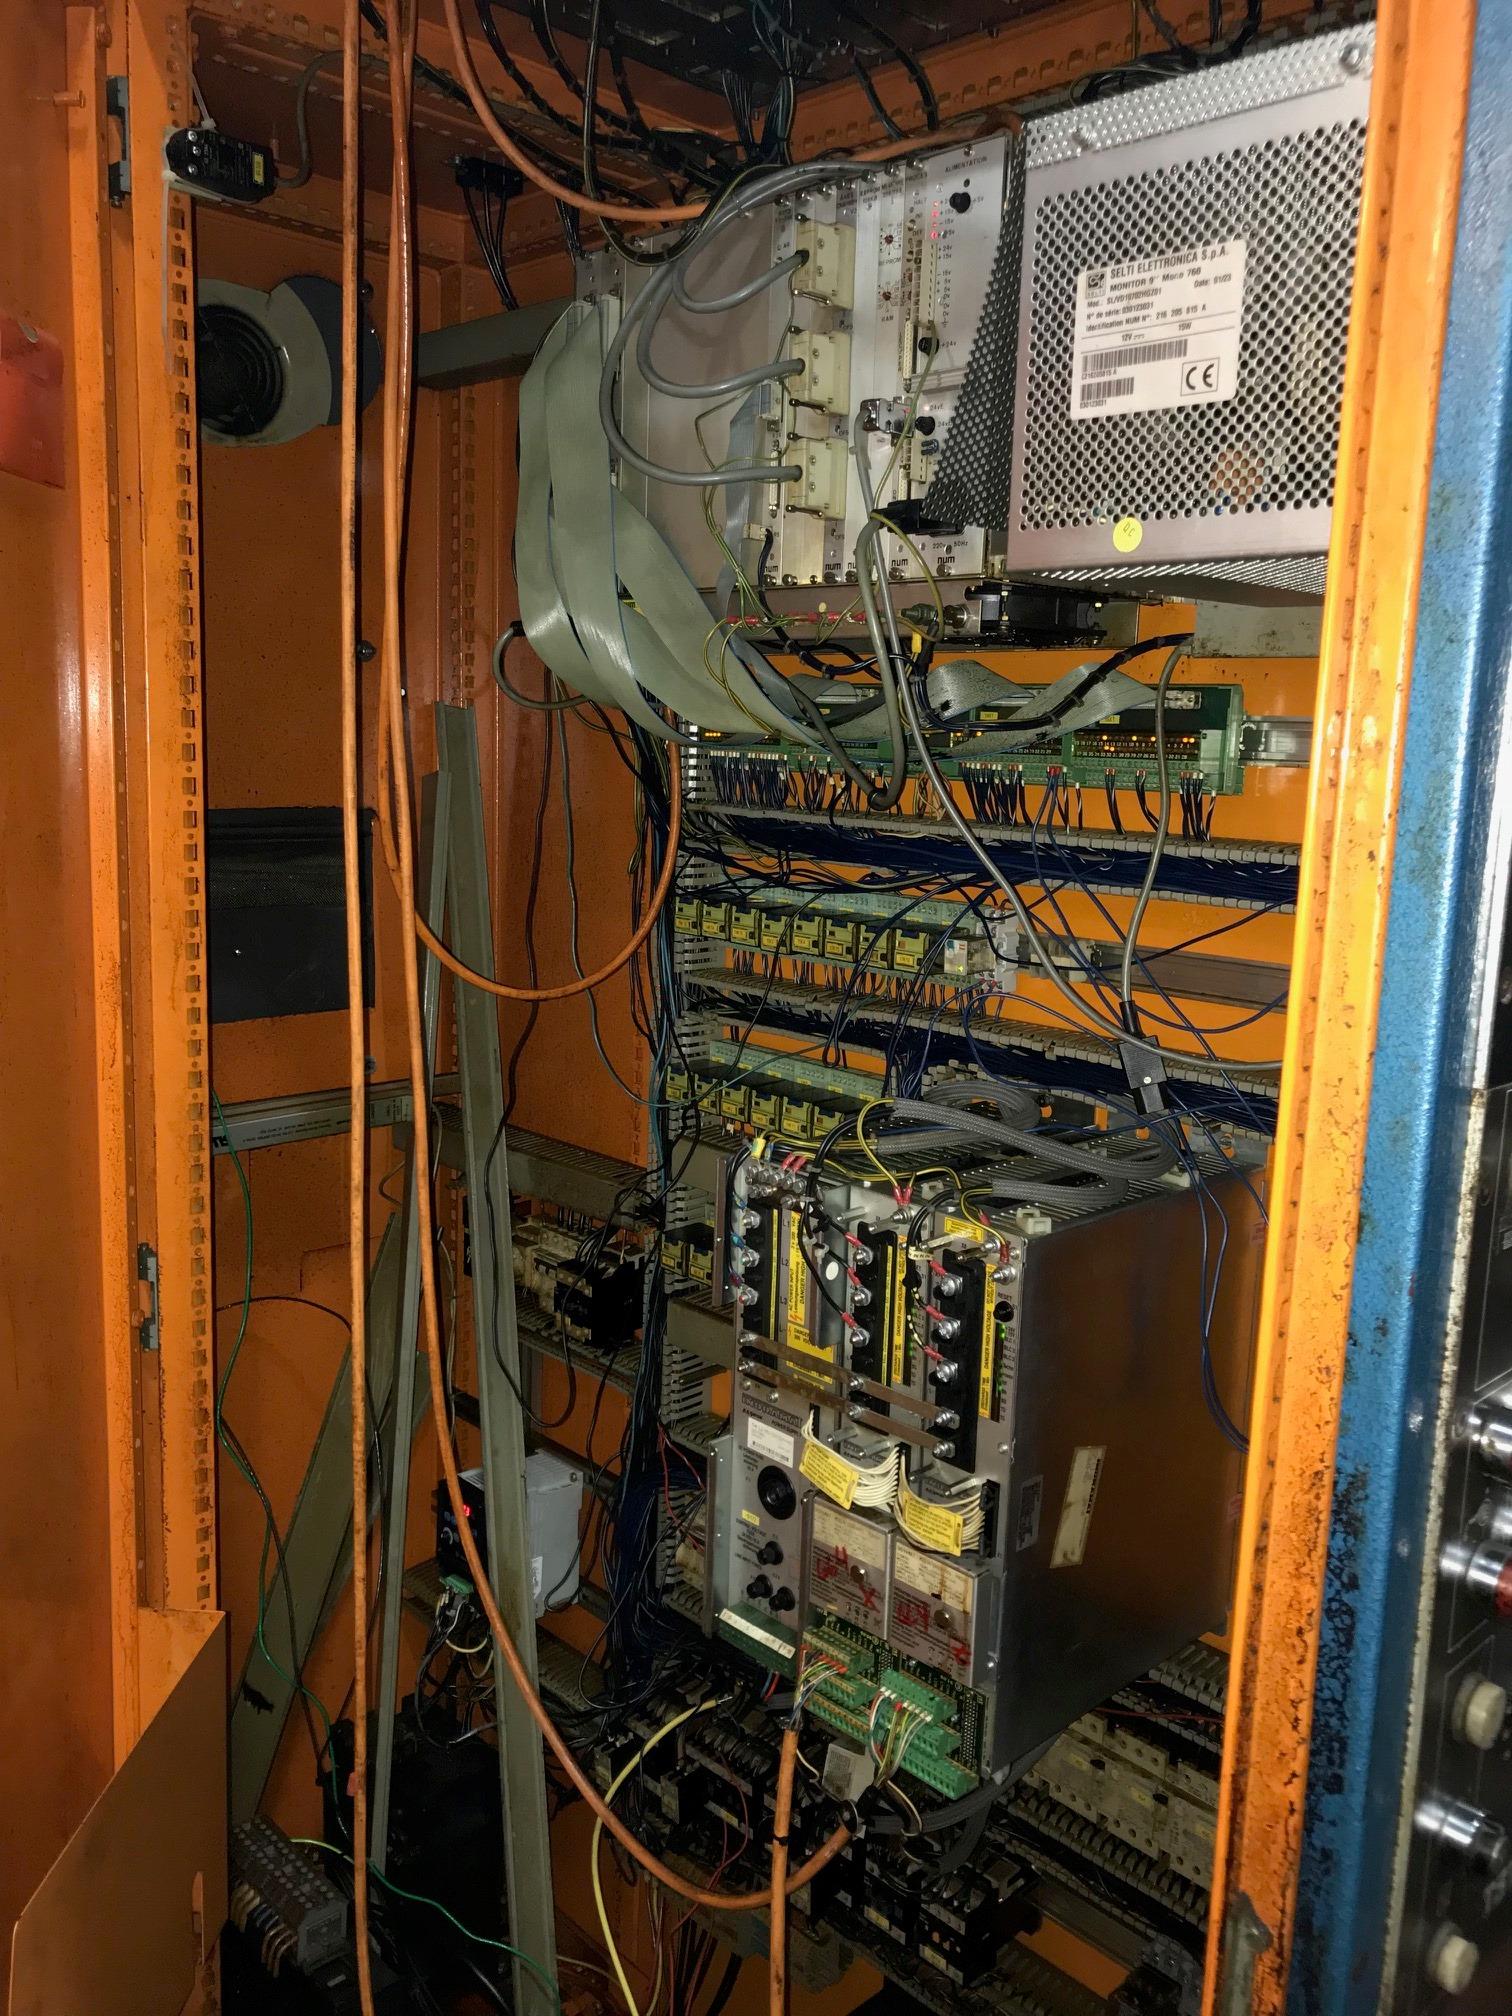 Lot 3 - TRIPET CNC GRINDER, MODEL TST 100, SN 5110.05.185, LOCATION IL